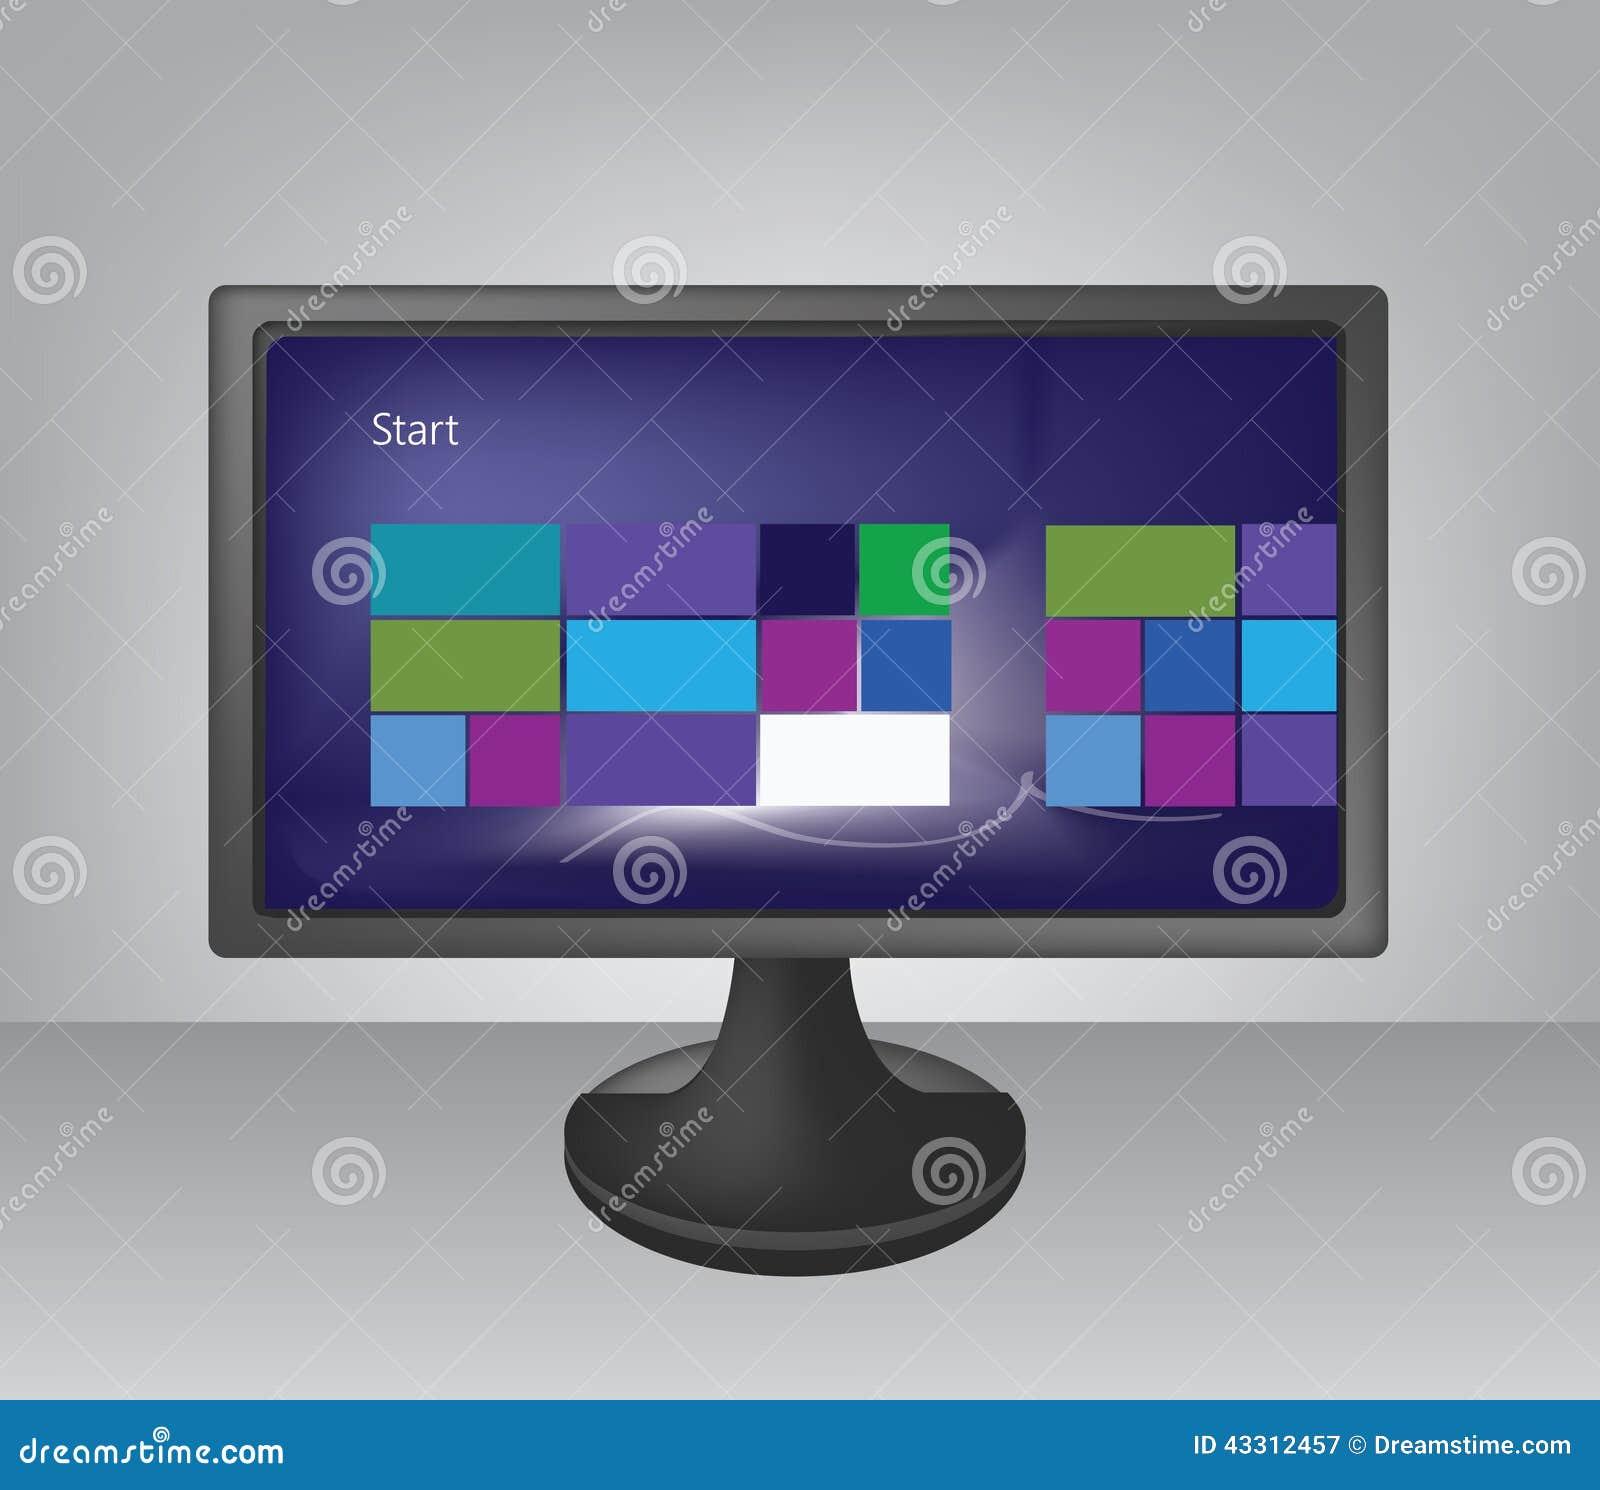 Ejemplo Del Monitor De Computadora De La Pantalla Ancha Stock de  ilustración - Ilustración de ejemplo, ancha: 43312457